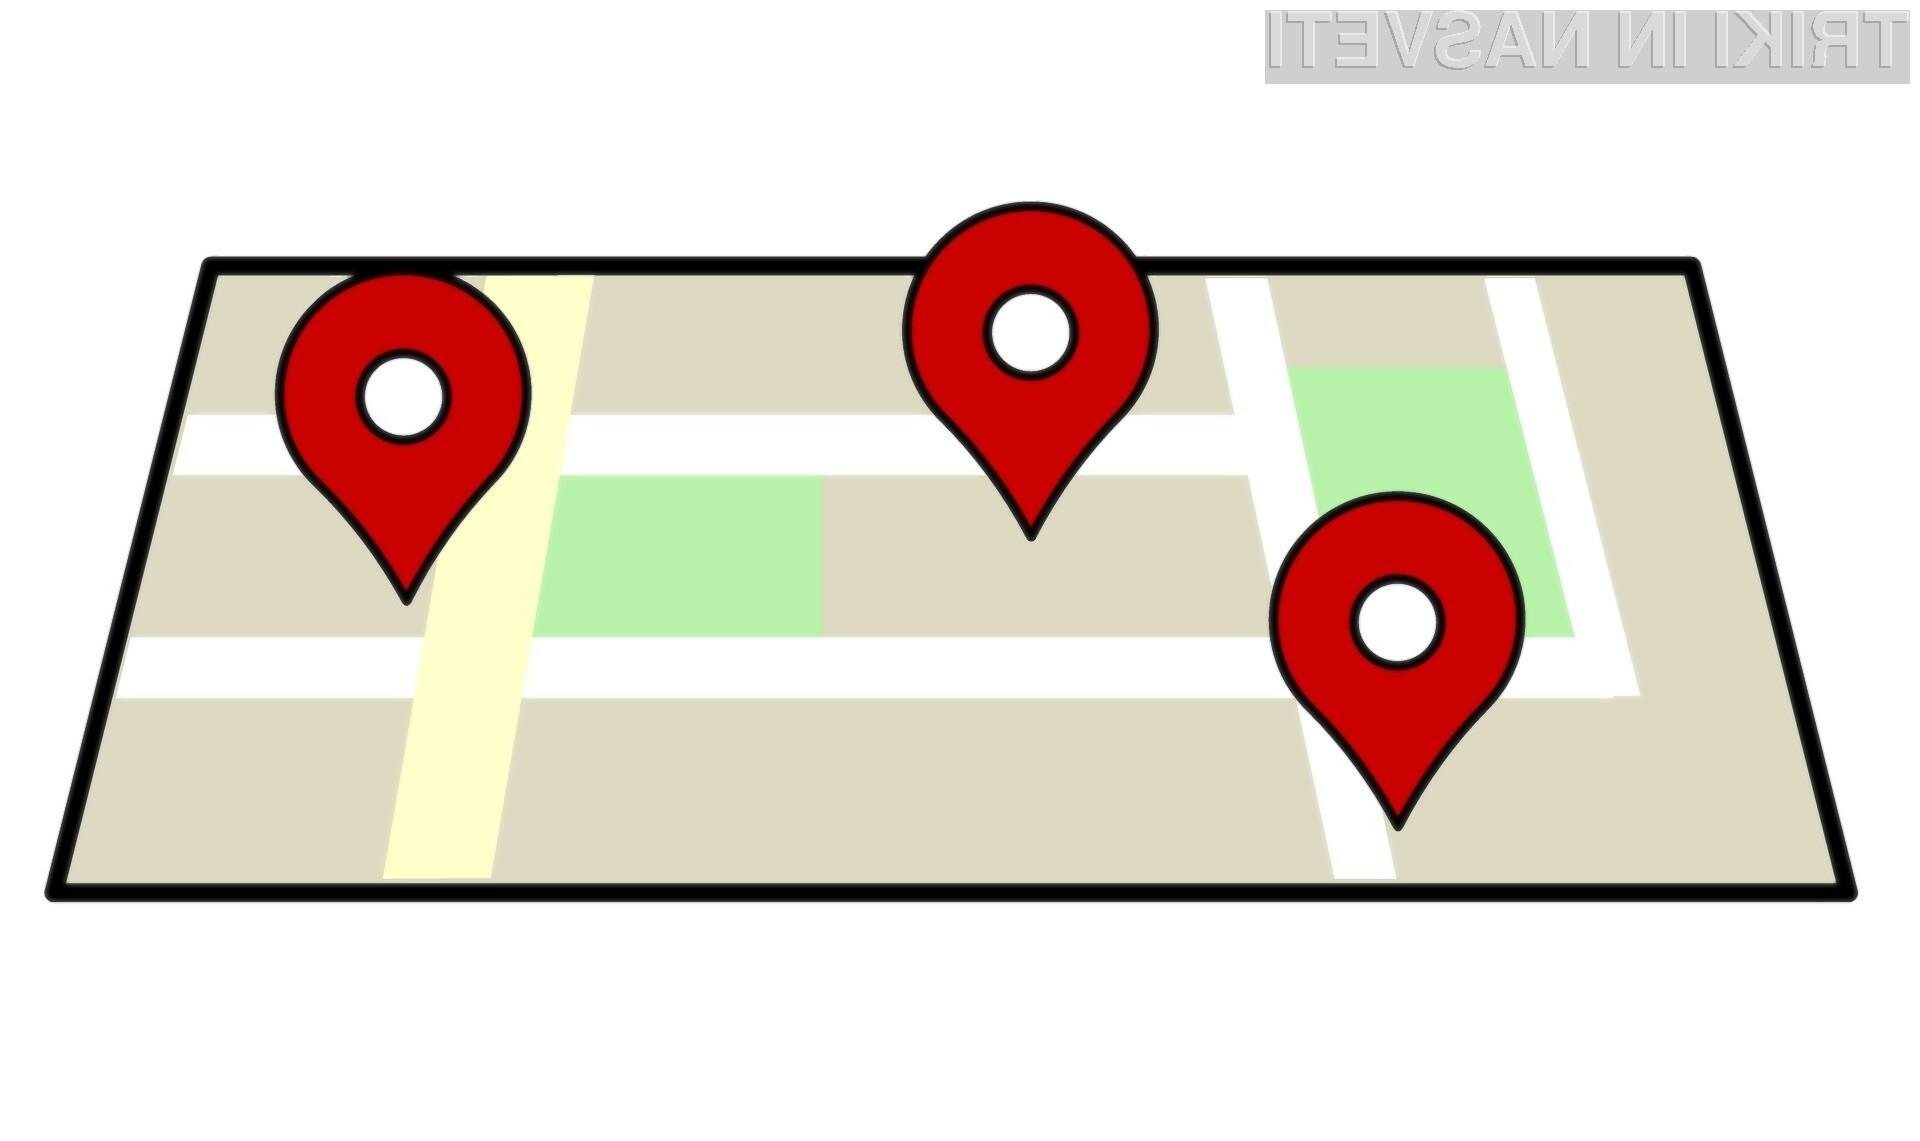 https://www.racunalniske-novice.com/triki/5-google-maps-trikov-za-katere-niste-vedeli-da-obstajajo.html?RSSb2087fcb6d8040d9663c6e987ead253f